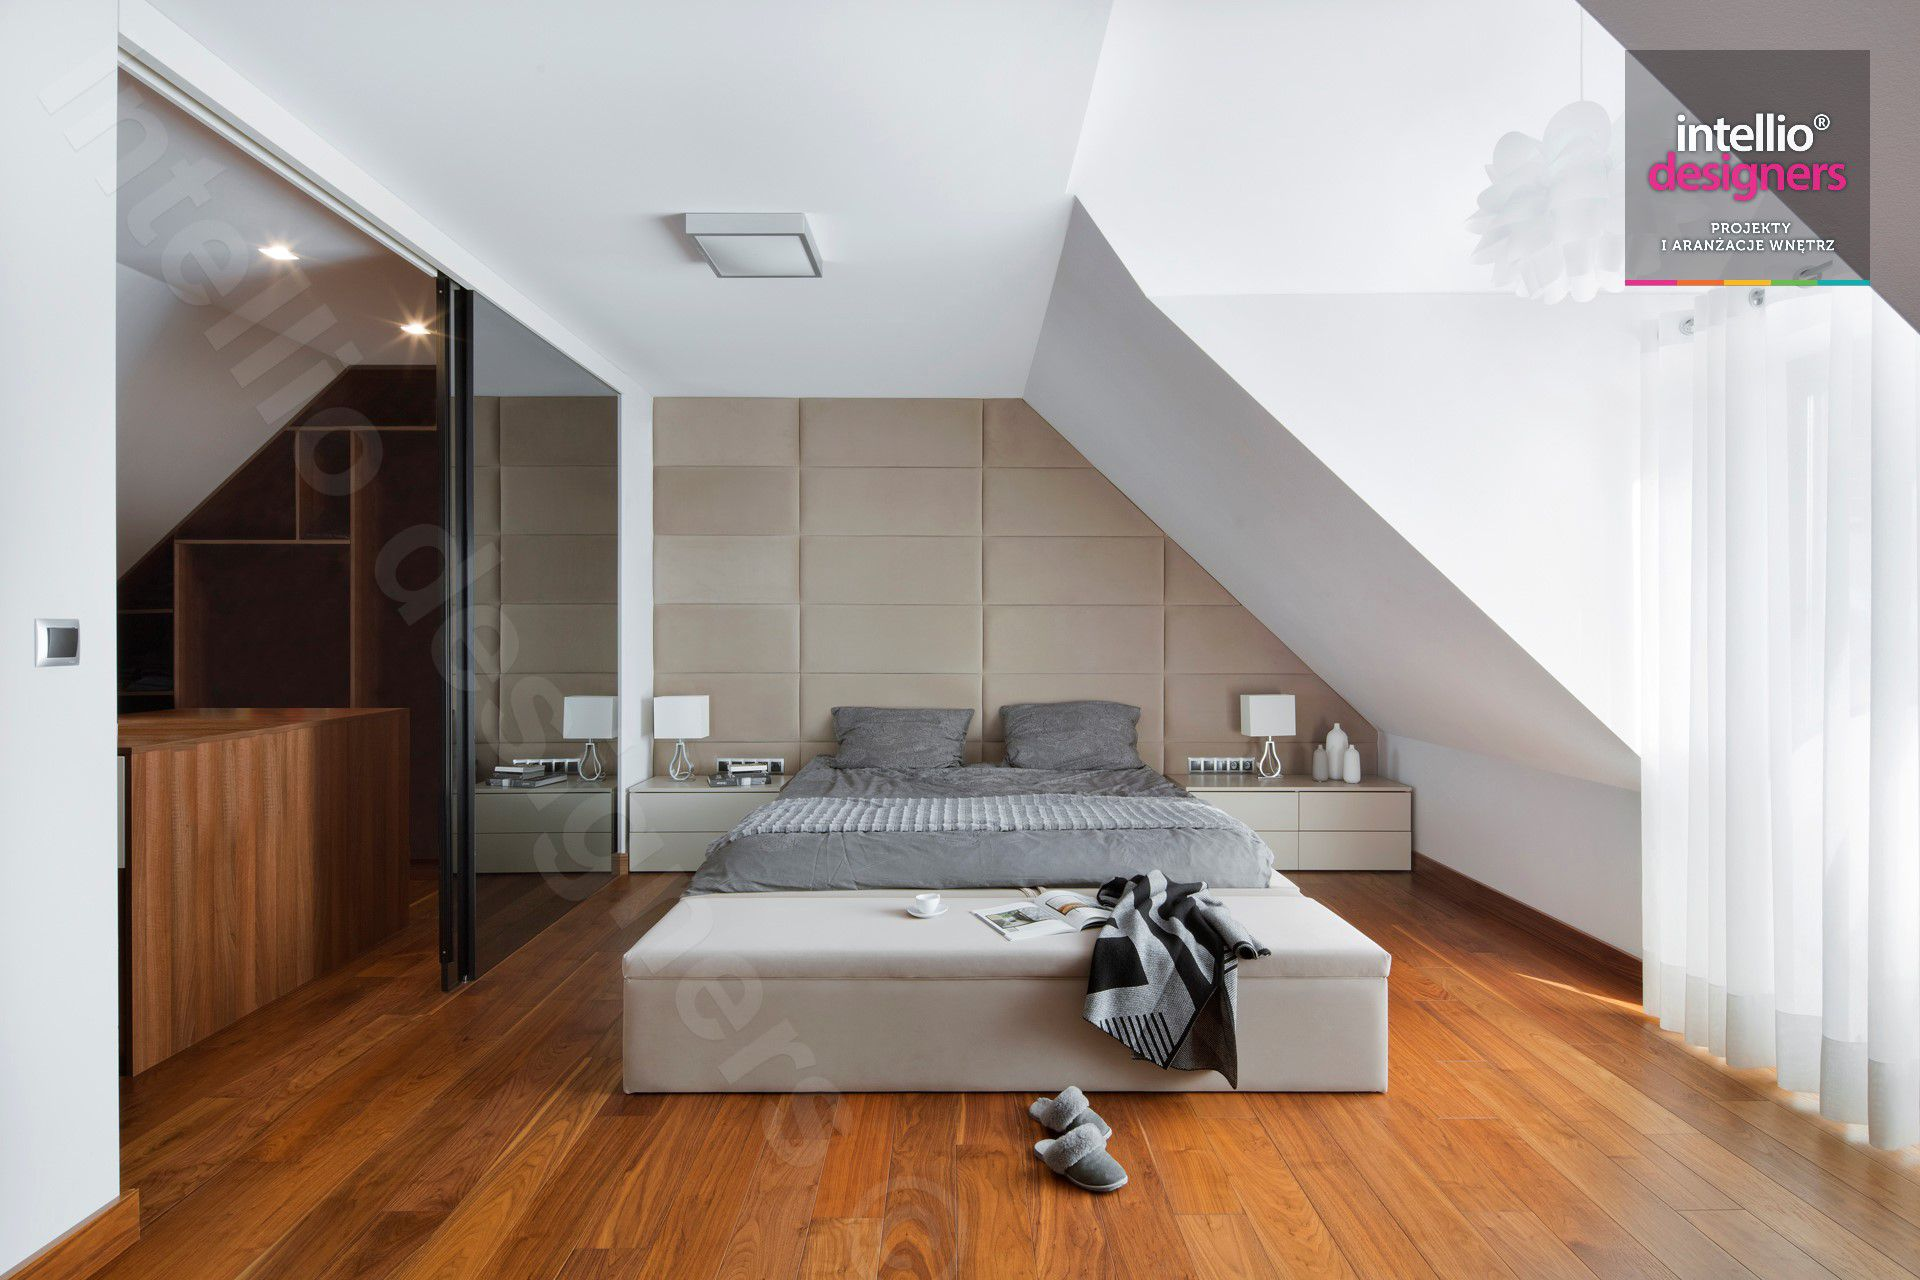 Nowoczesne wyposażenie domu położonego w górach - sesja dla Intellio designers